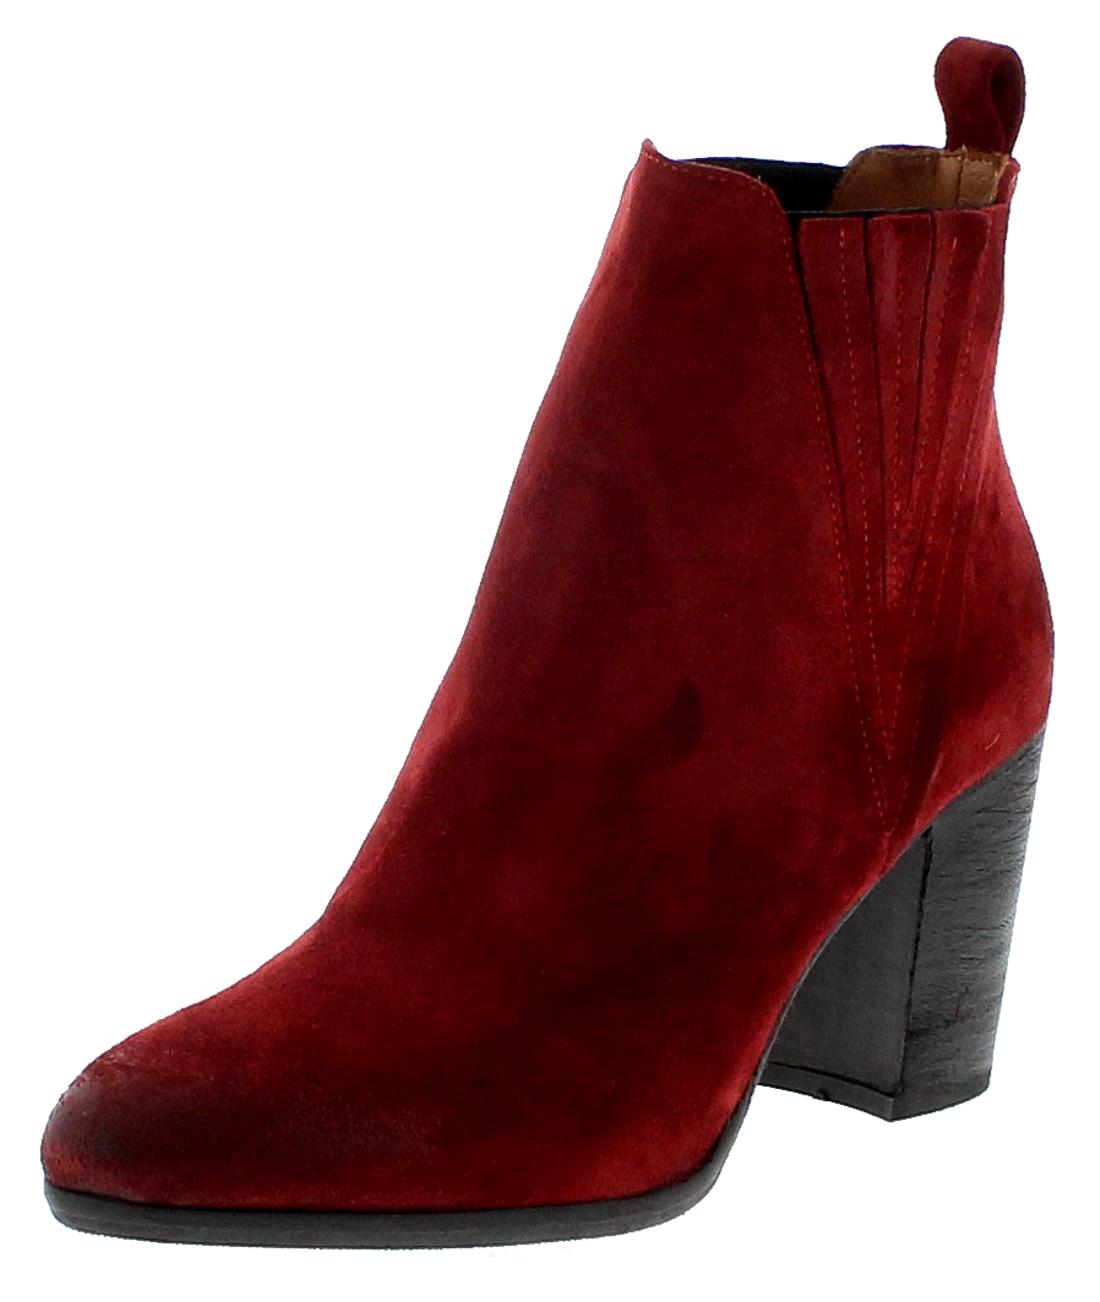 THEA MIKA TM09752 Barolo Damen Stiefelette - rot